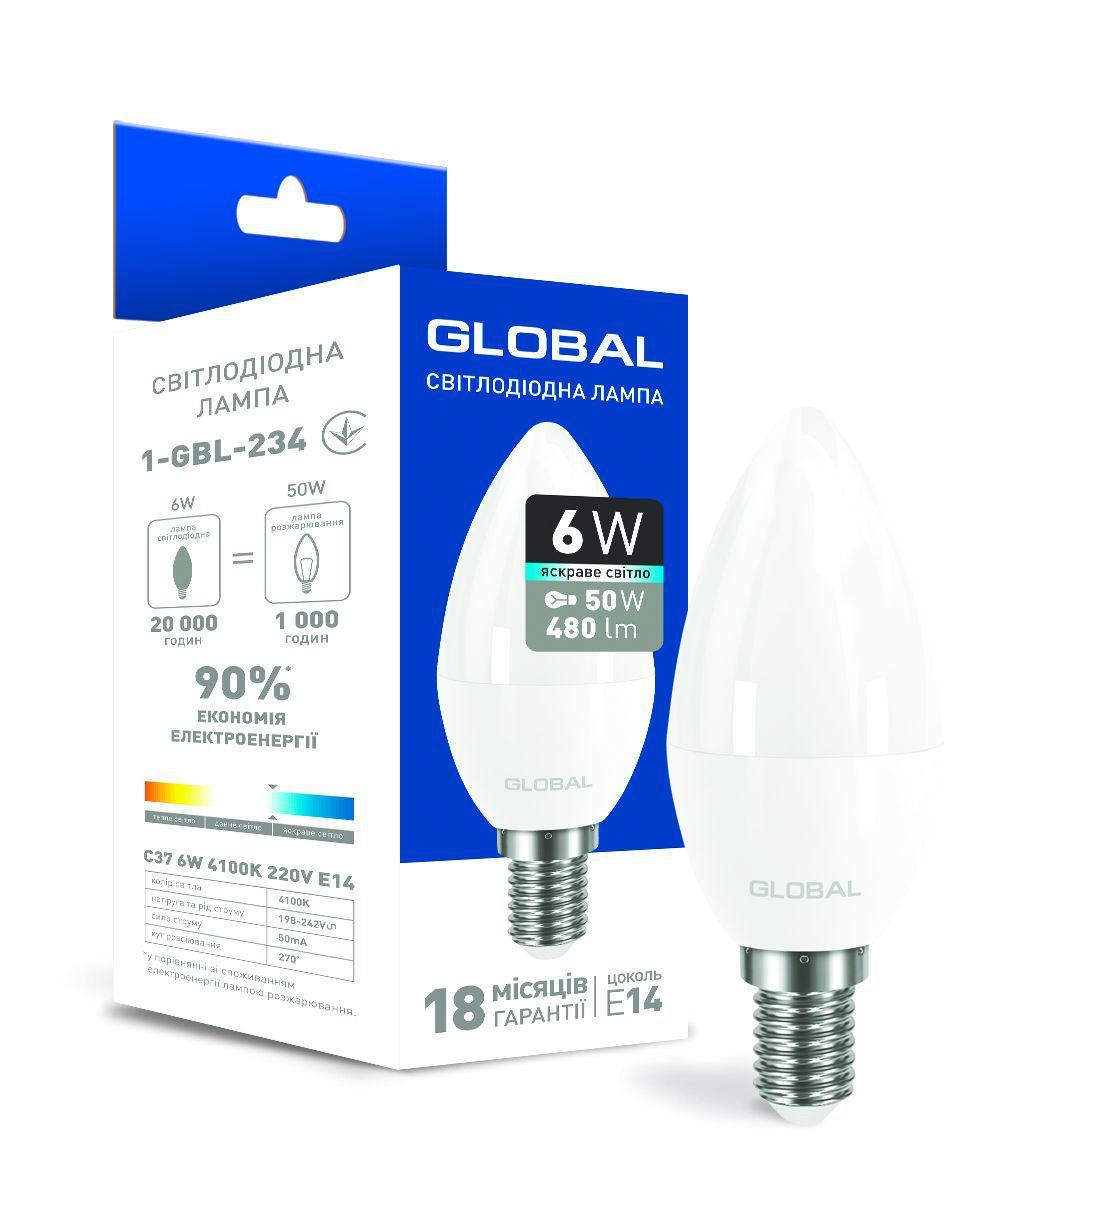 Светодиодная лампа Global C37 CL-F 6W яркий свет E14